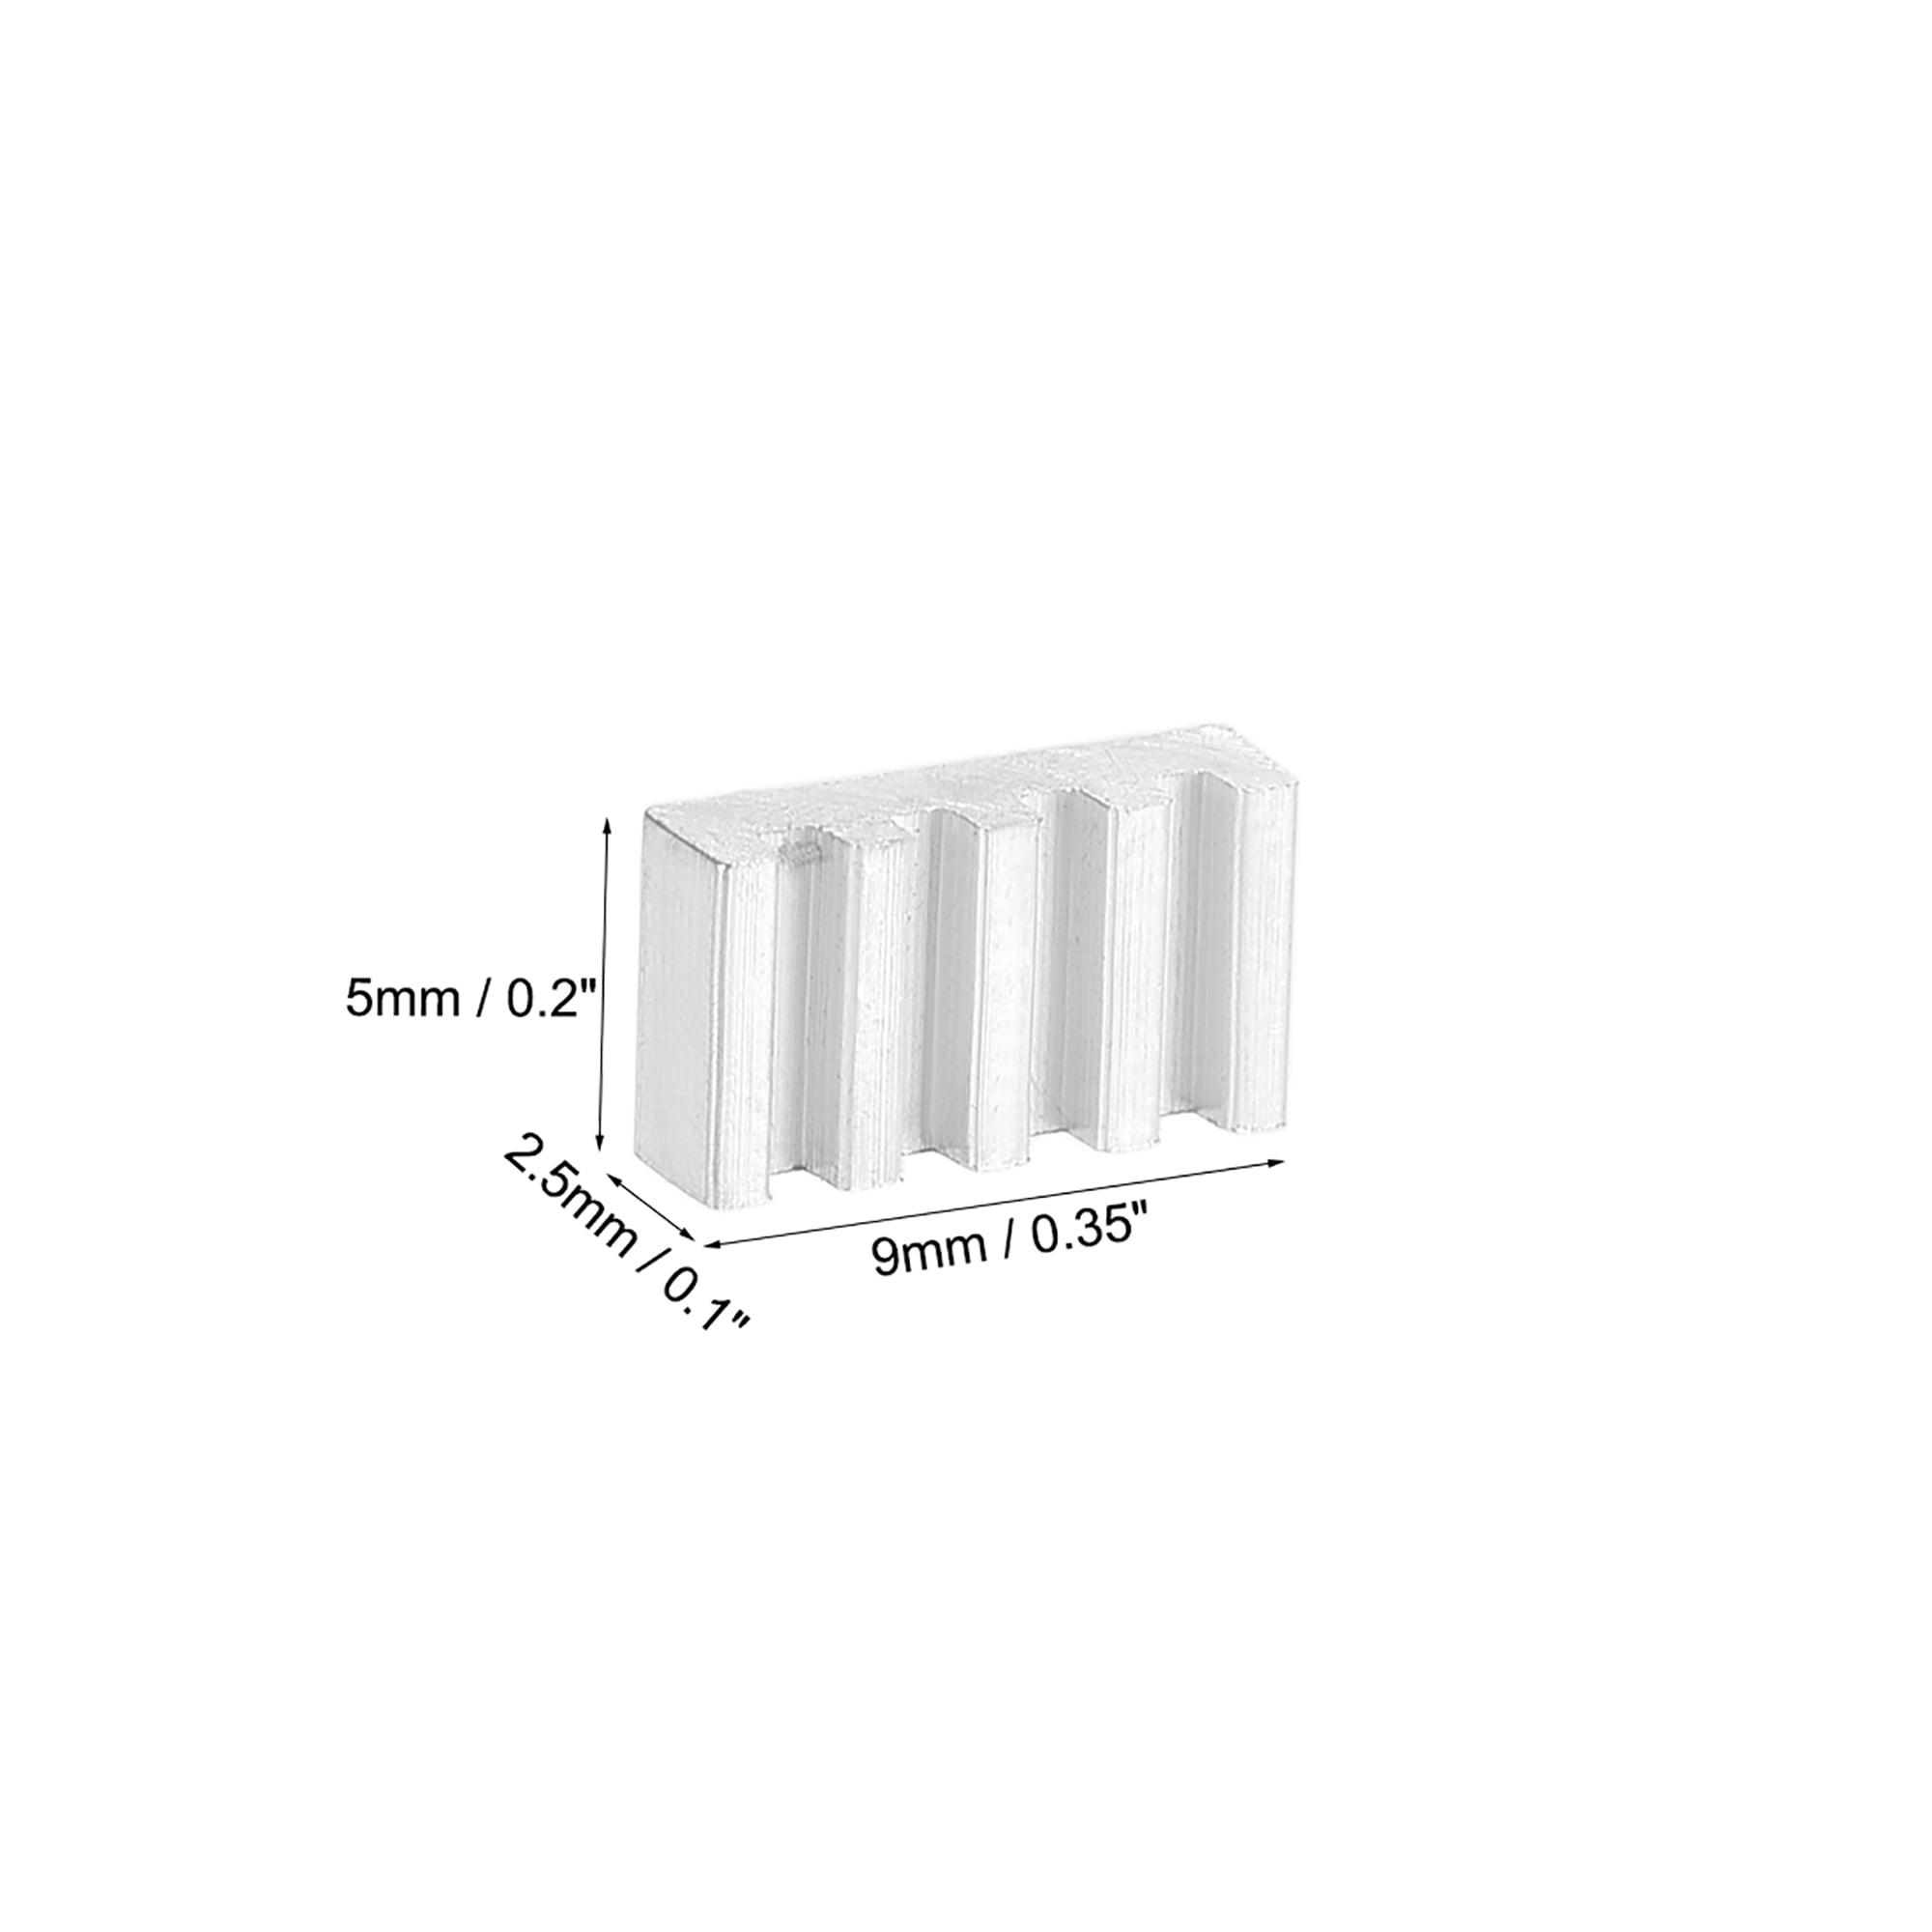 uxcell Parallel Notch Heatsink for Stepper Motor 3D Printer 40x40x11mm Silver 10pcs